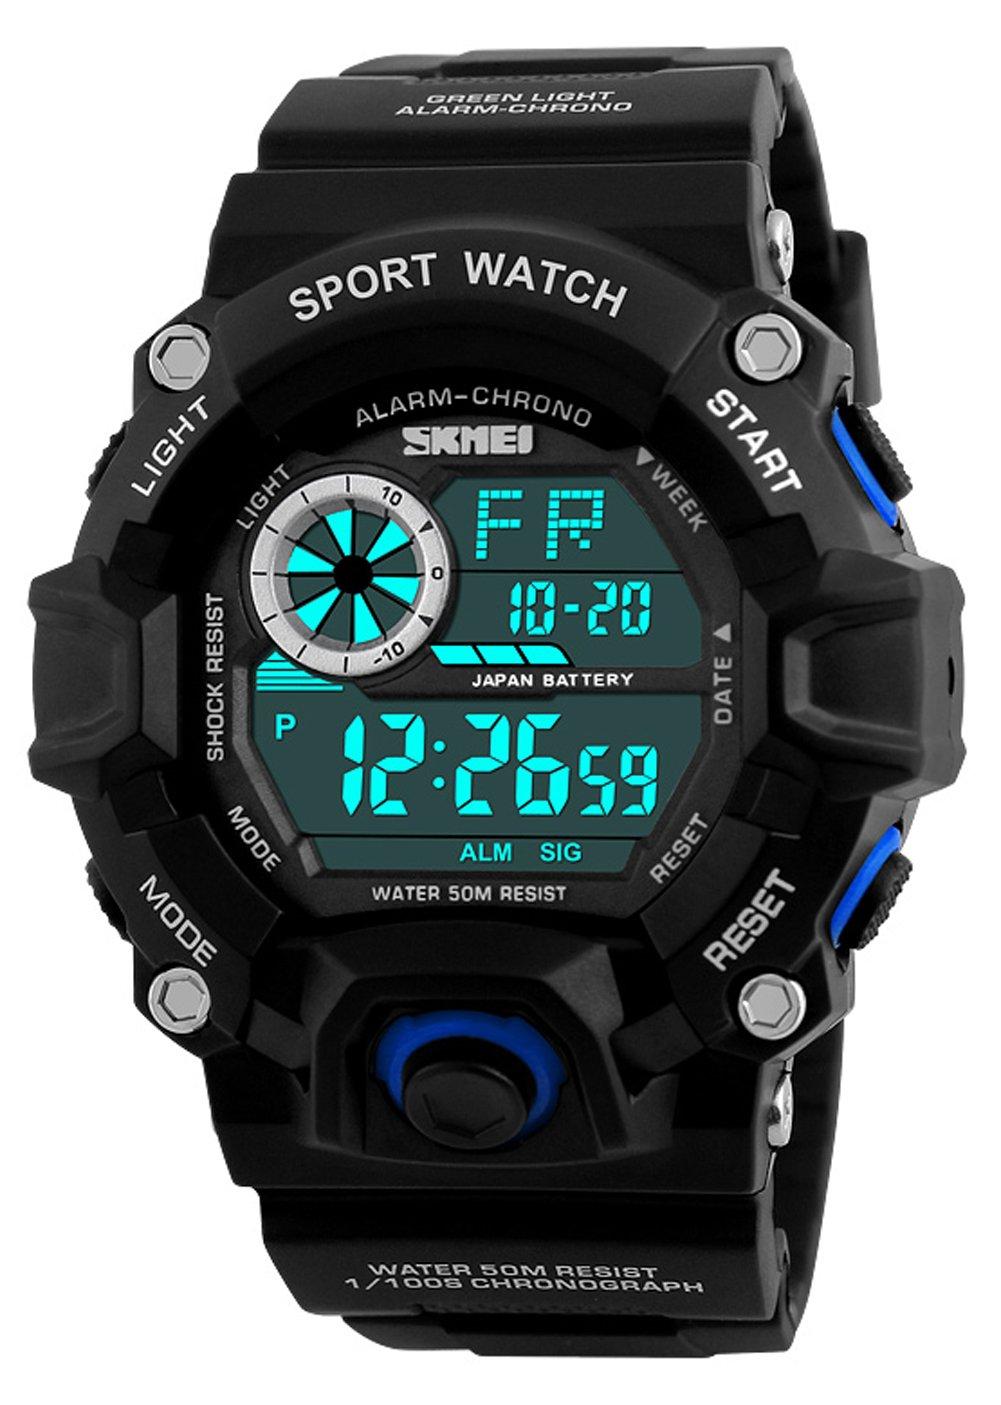 Digitale Herren Sportuhr, Outdoor 5 Bar wasserdicht Laufen militärische LED Uhren, große Anzeige Armbanduhr mit Wecker für Herren von ZAWTR